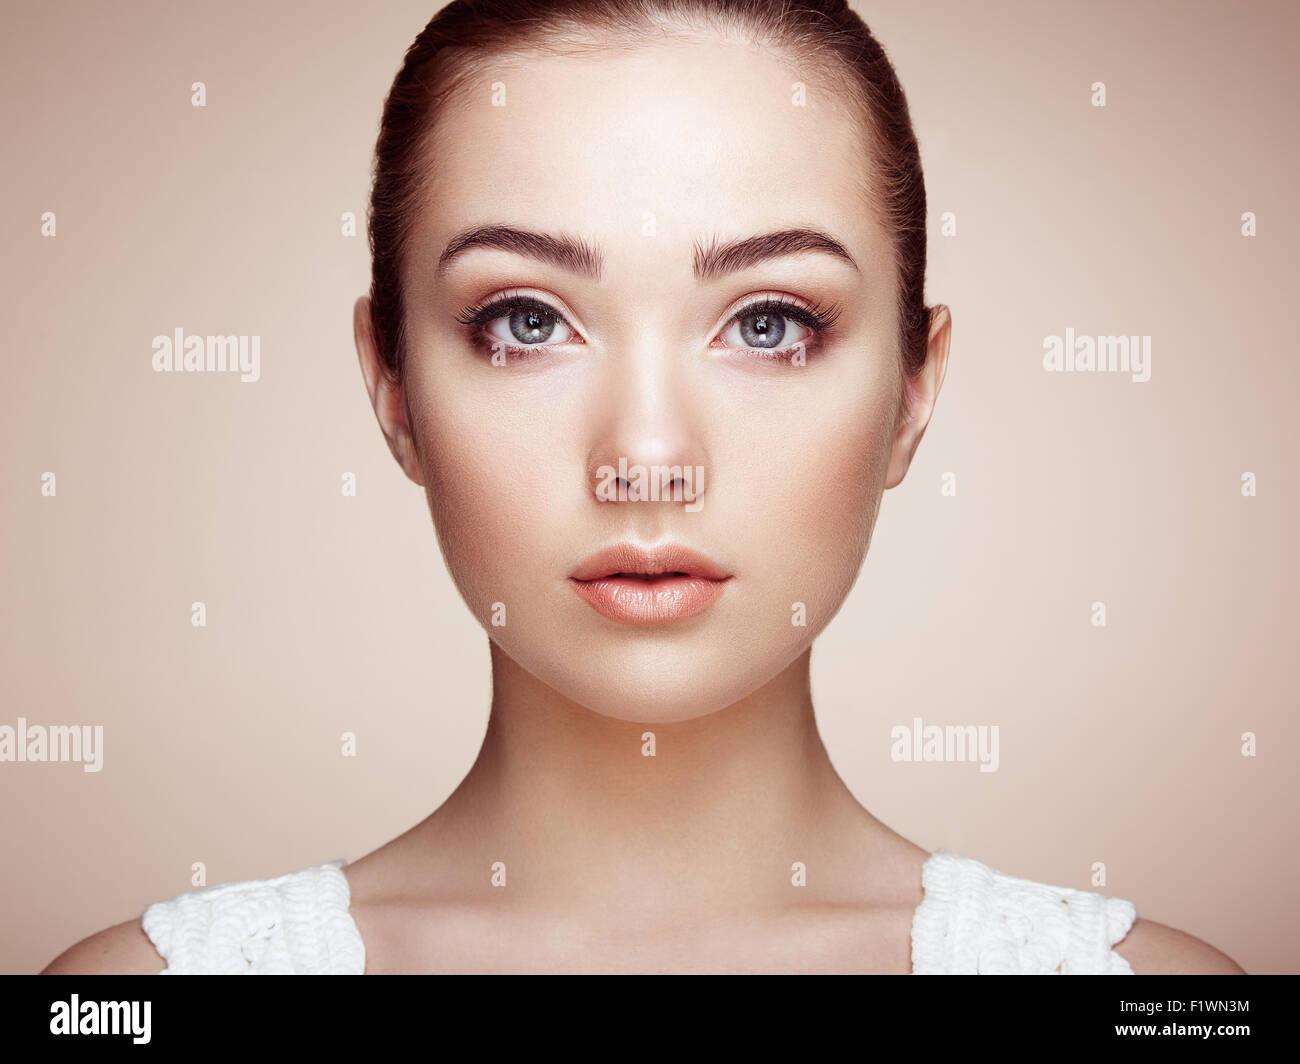 Schöne Frau Gesicht Perfektes Make Up Schönheit Mode Wimpern